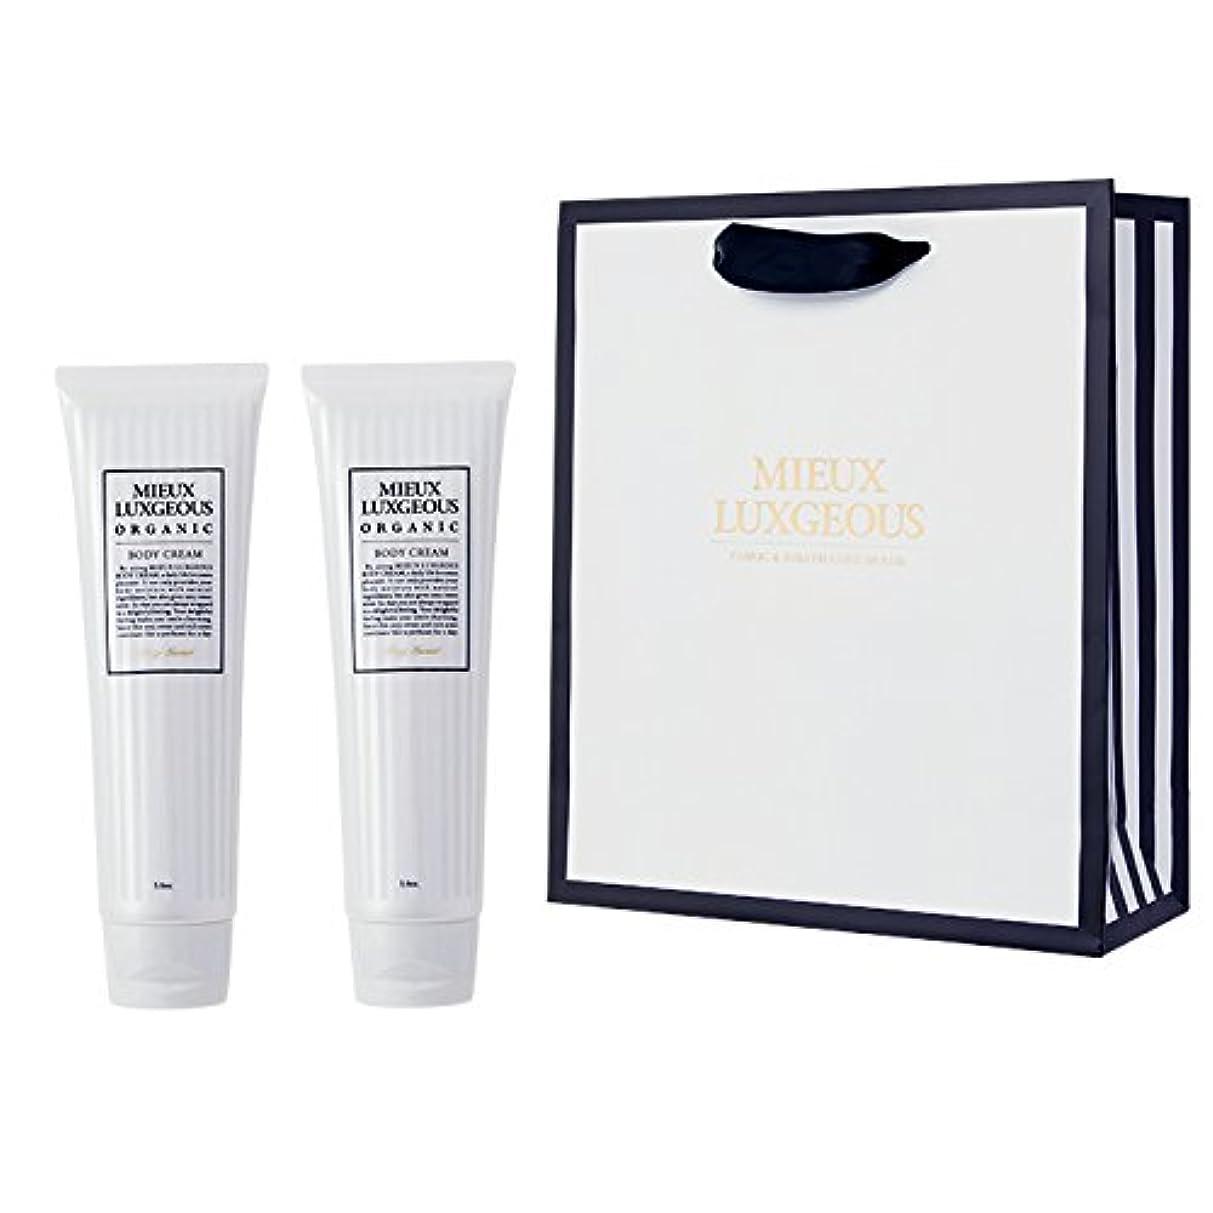 取り付け音声に向かってミューラグジャス Body Cream 2本set with Paperbag02